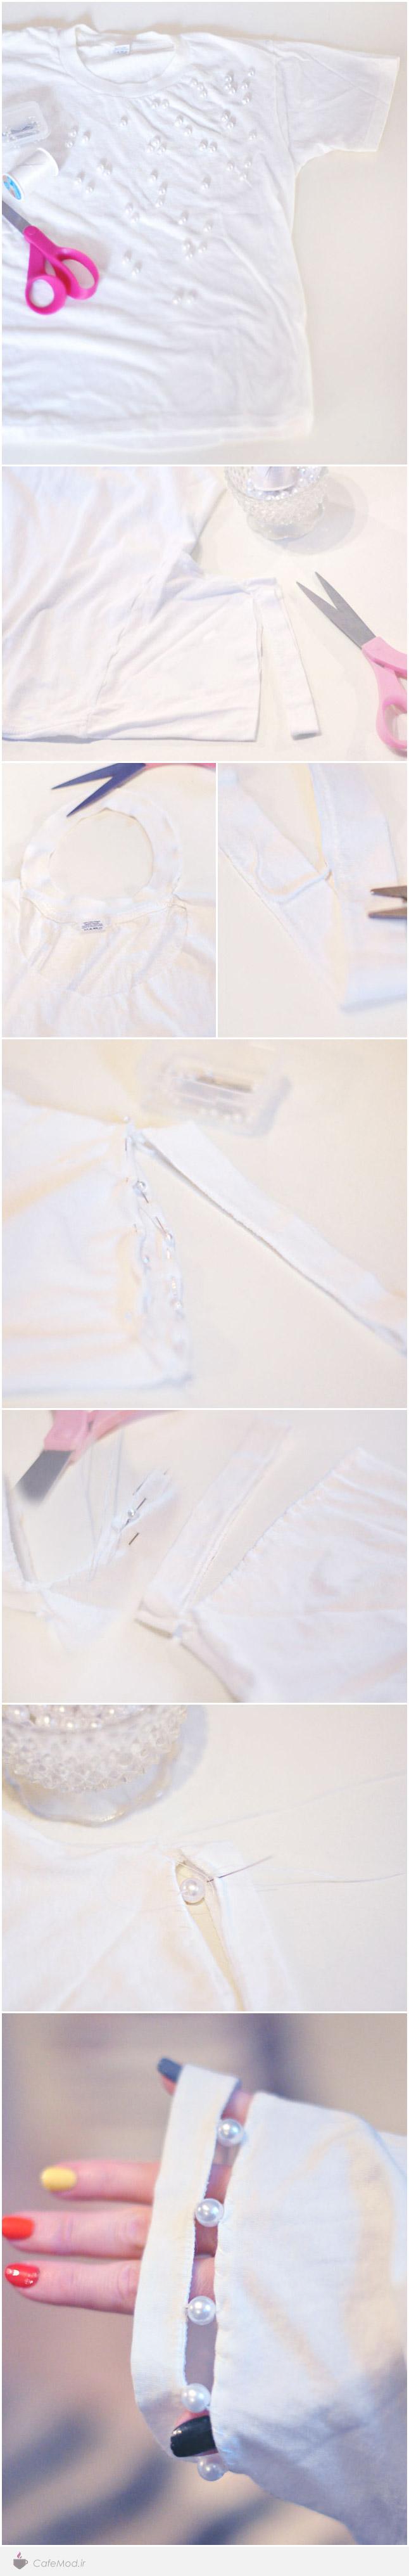 آموزش تزئین لباس با مروارید